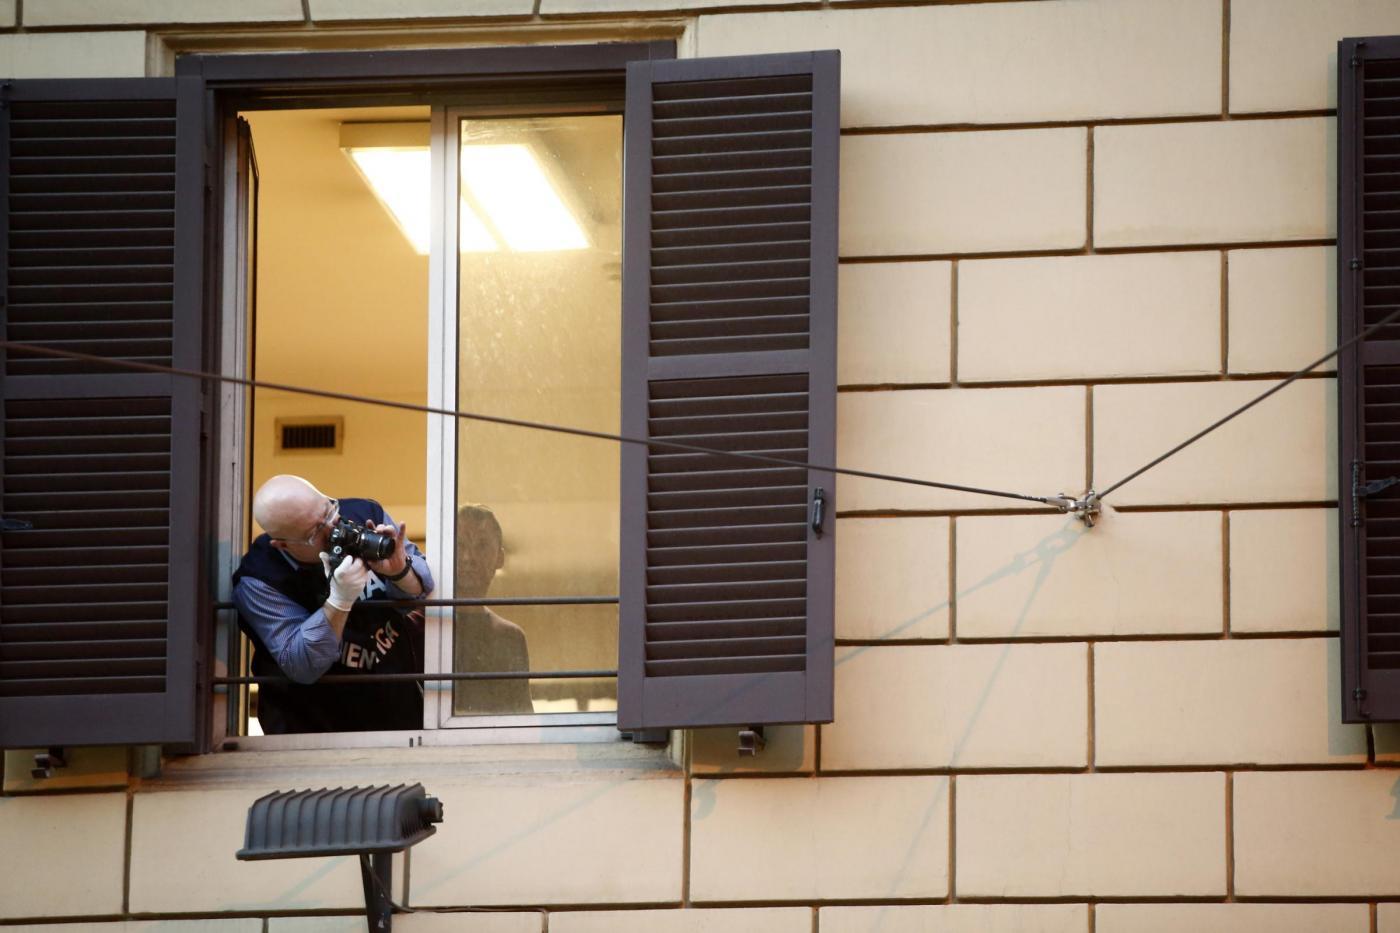 Arrestato per stupro si butta dalla finestra del commissariato e muore03 blitz quotidiano - Si butta dalla finestra milano ...